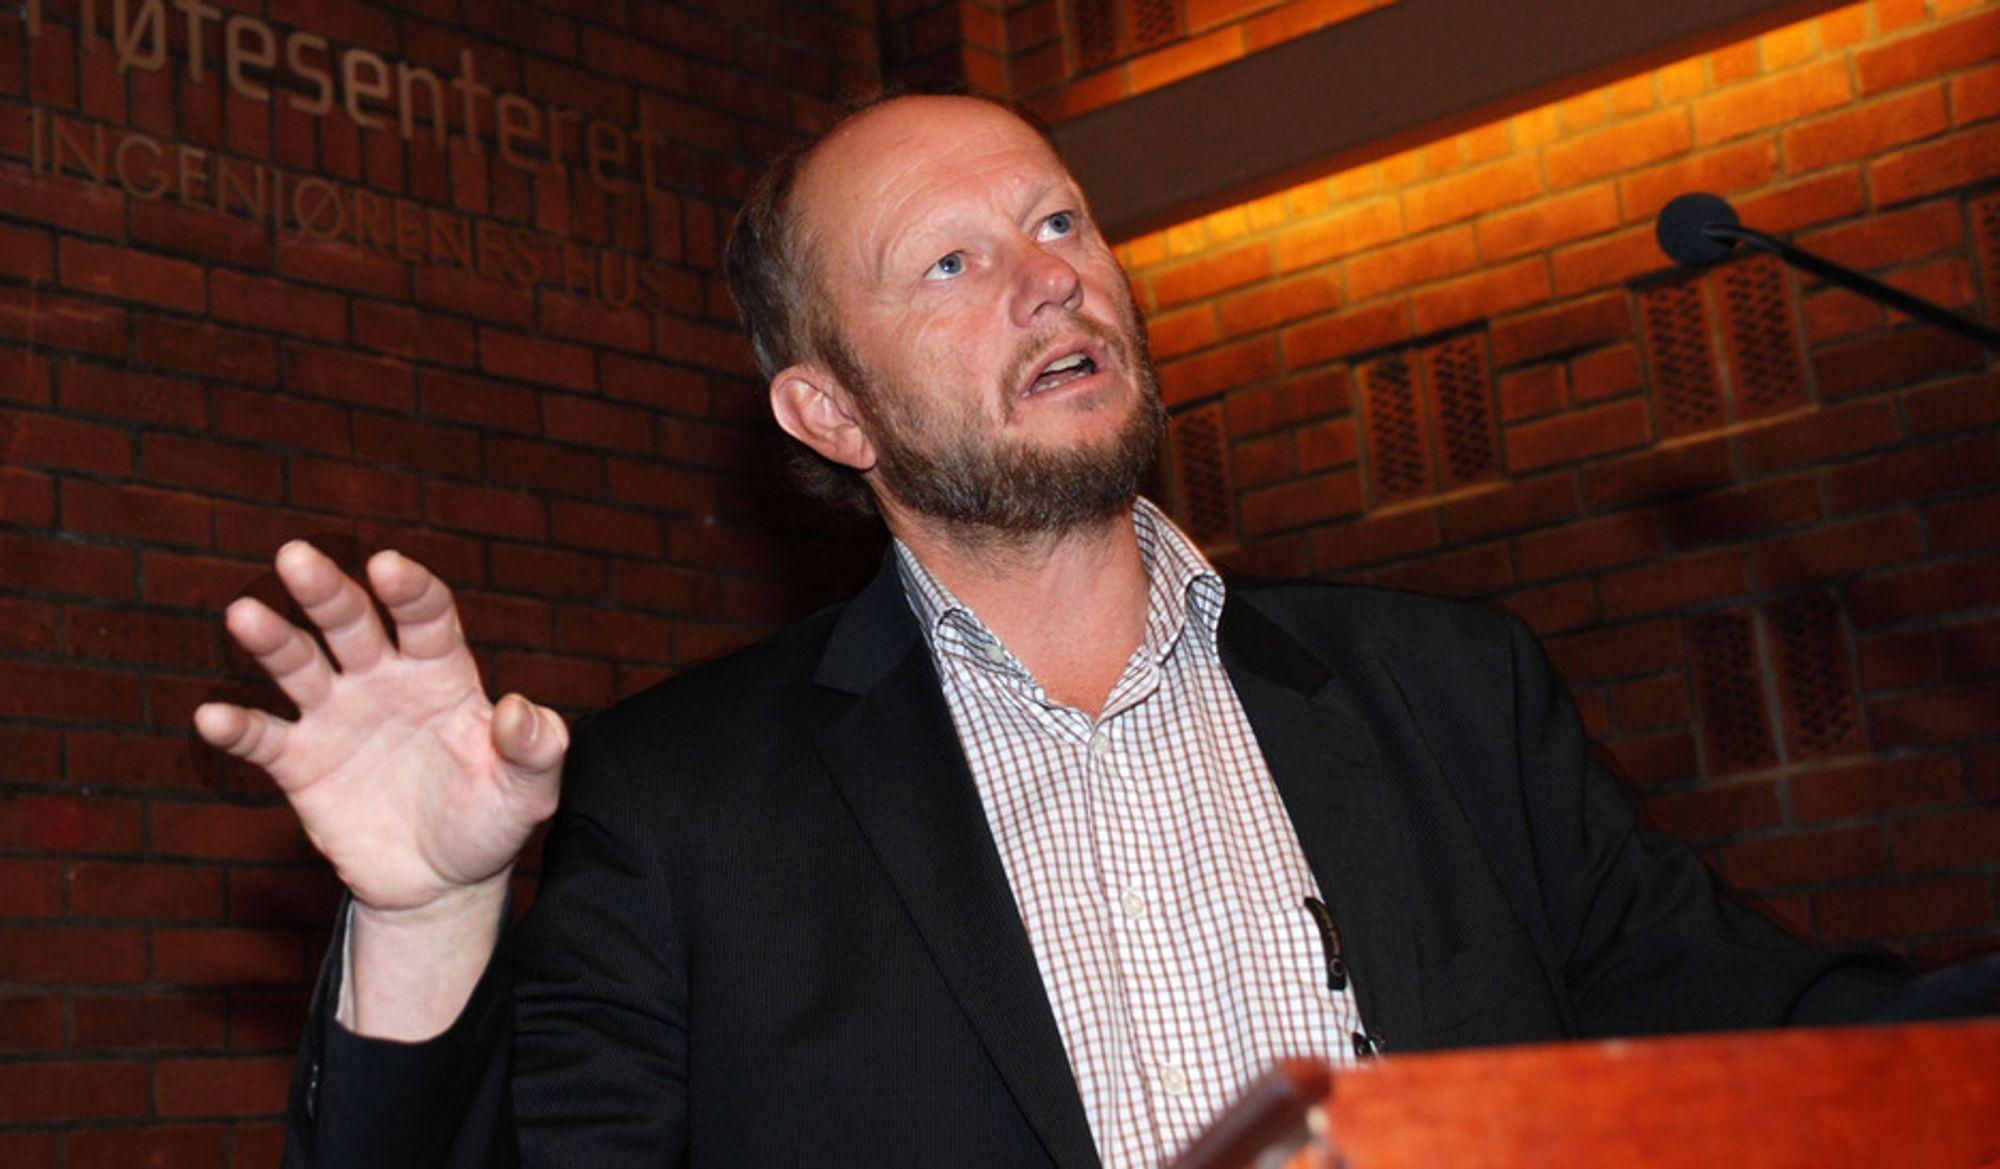 BER OM FLERE SAMARBEIDSAVTALER: Staten må inngå samarbeidsavtaler med kvotepliktige industribedrifter. Hvis ikke blir ikke klimatiltak som koster mer en kvoteprisen ikke gjennomført i Norge, mener Stein Lier-Hanssen, administrerende direktør i Norsk Industri.